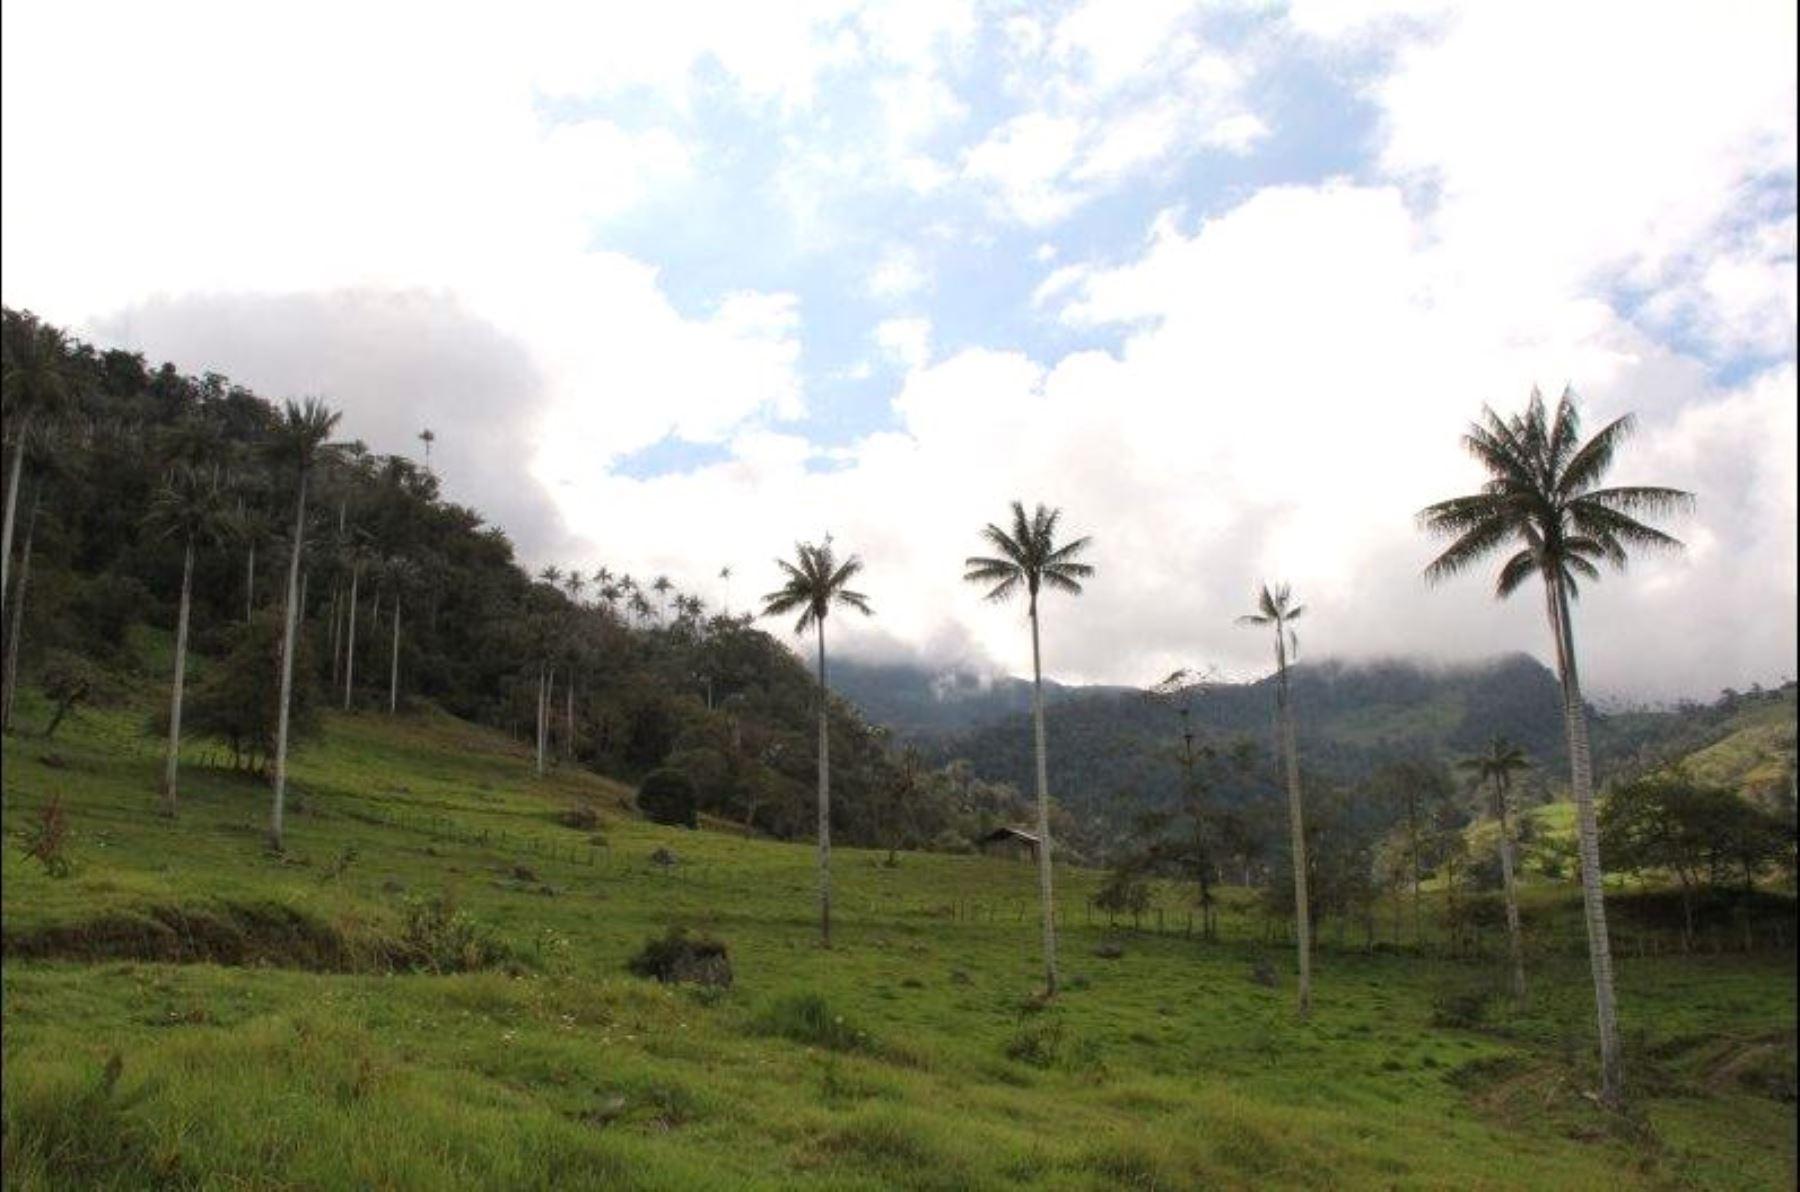 El Parque Nacional de Cutervo, ubicada en la región Cajamarca, es la primera área natural protegida por el Estado peruano y alberga una gran biodiversidad. ANDINA/Difusión